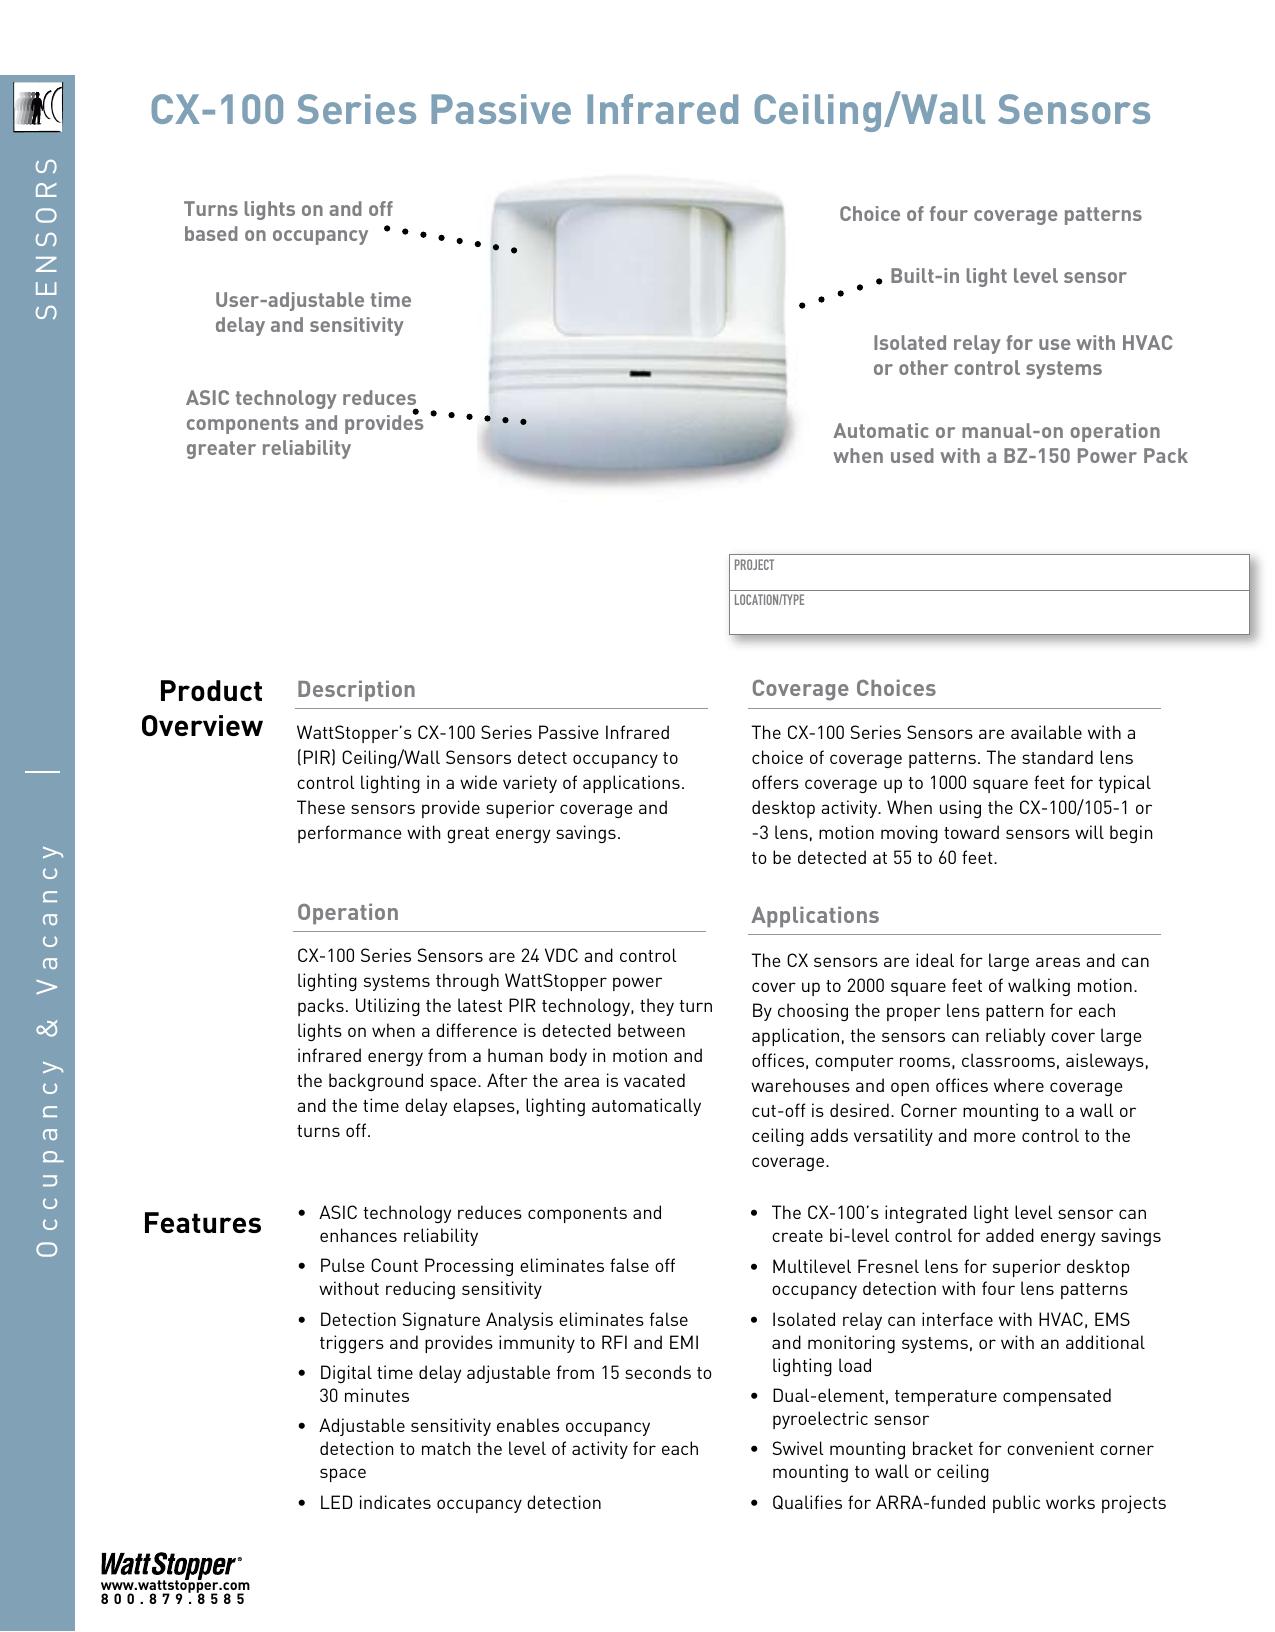 Watt Stopper CX-100 Occupancy Sensor Passive Infrared PIR 24VDC WattStopper